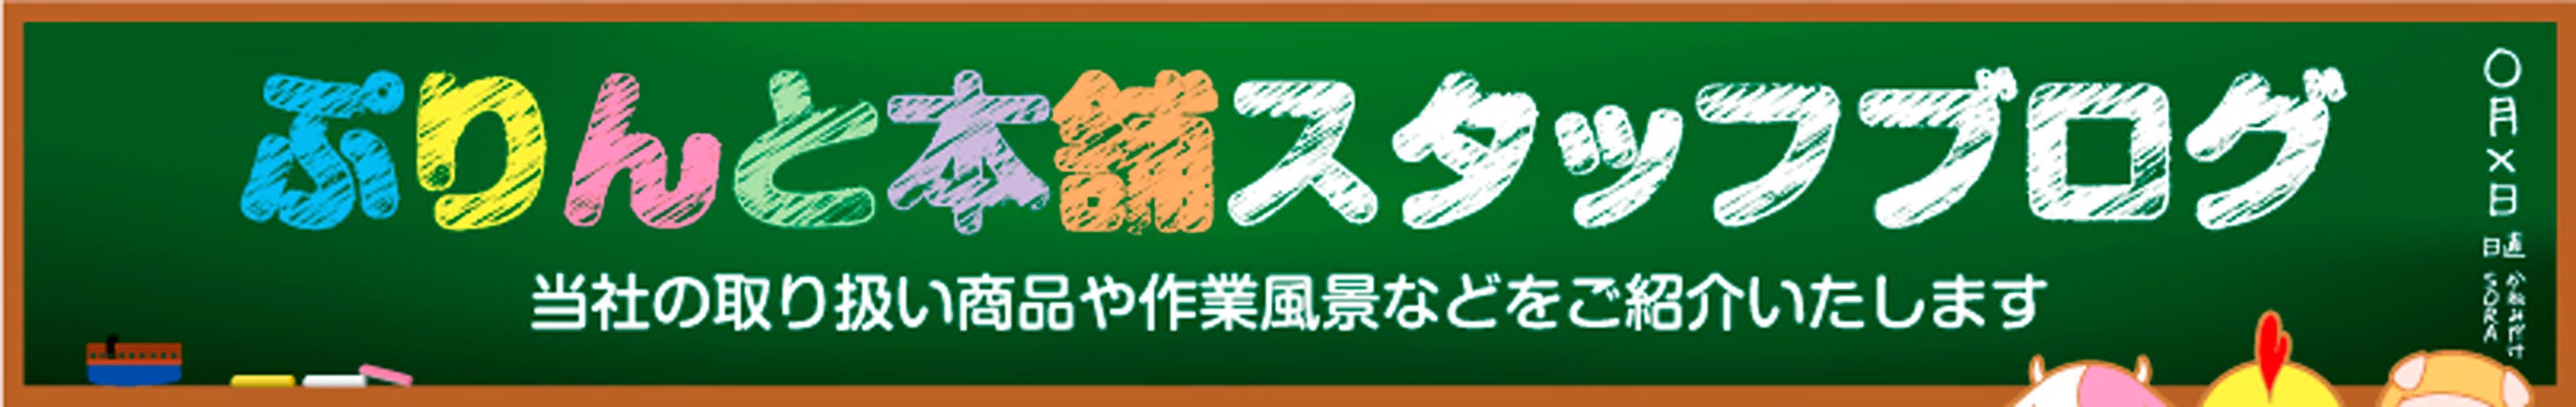 ぷりんと本舗スタッフブログ